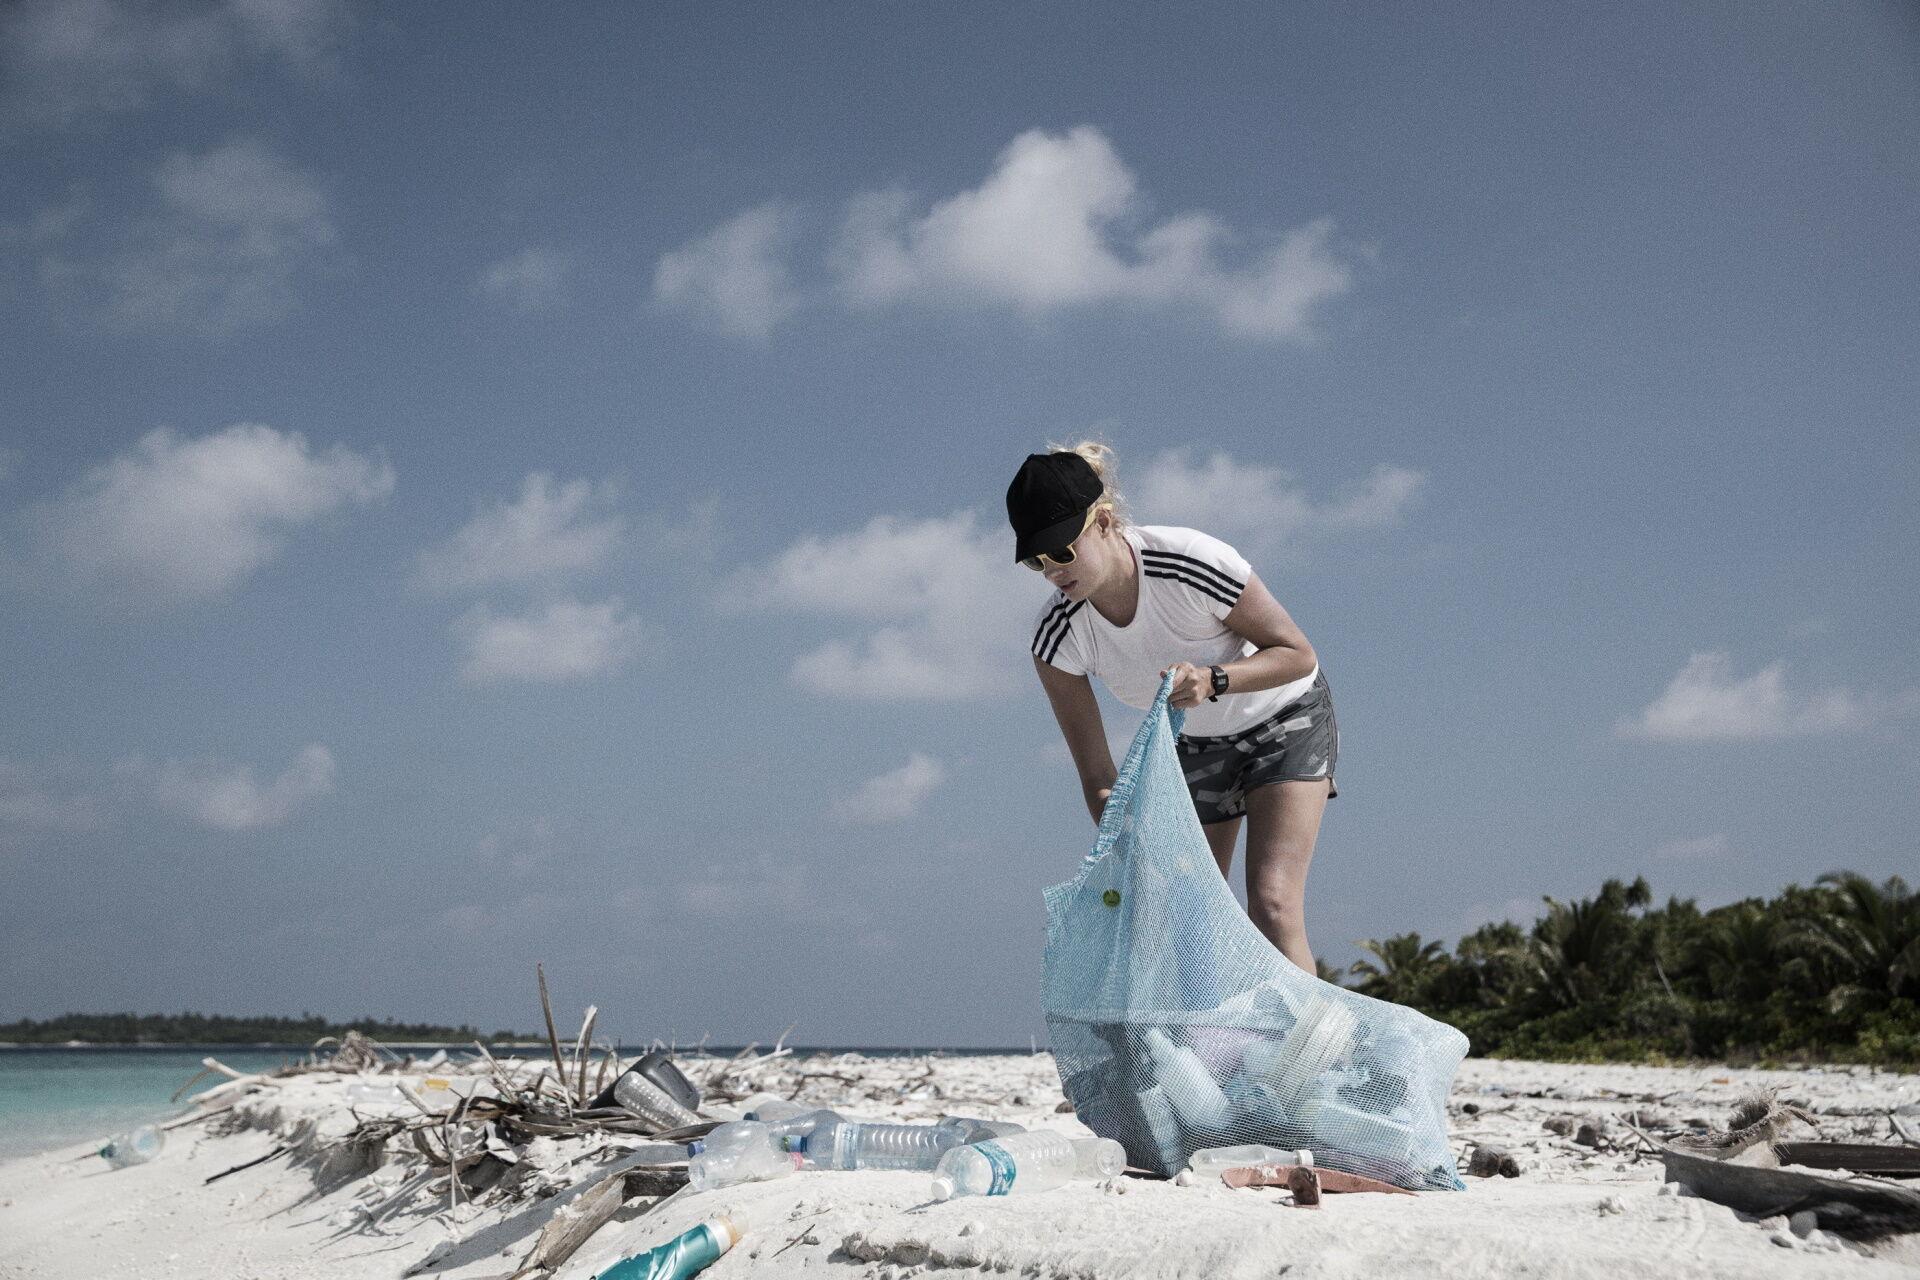 adidas és Parley együttműködés a tengerpartok tisztaságáért